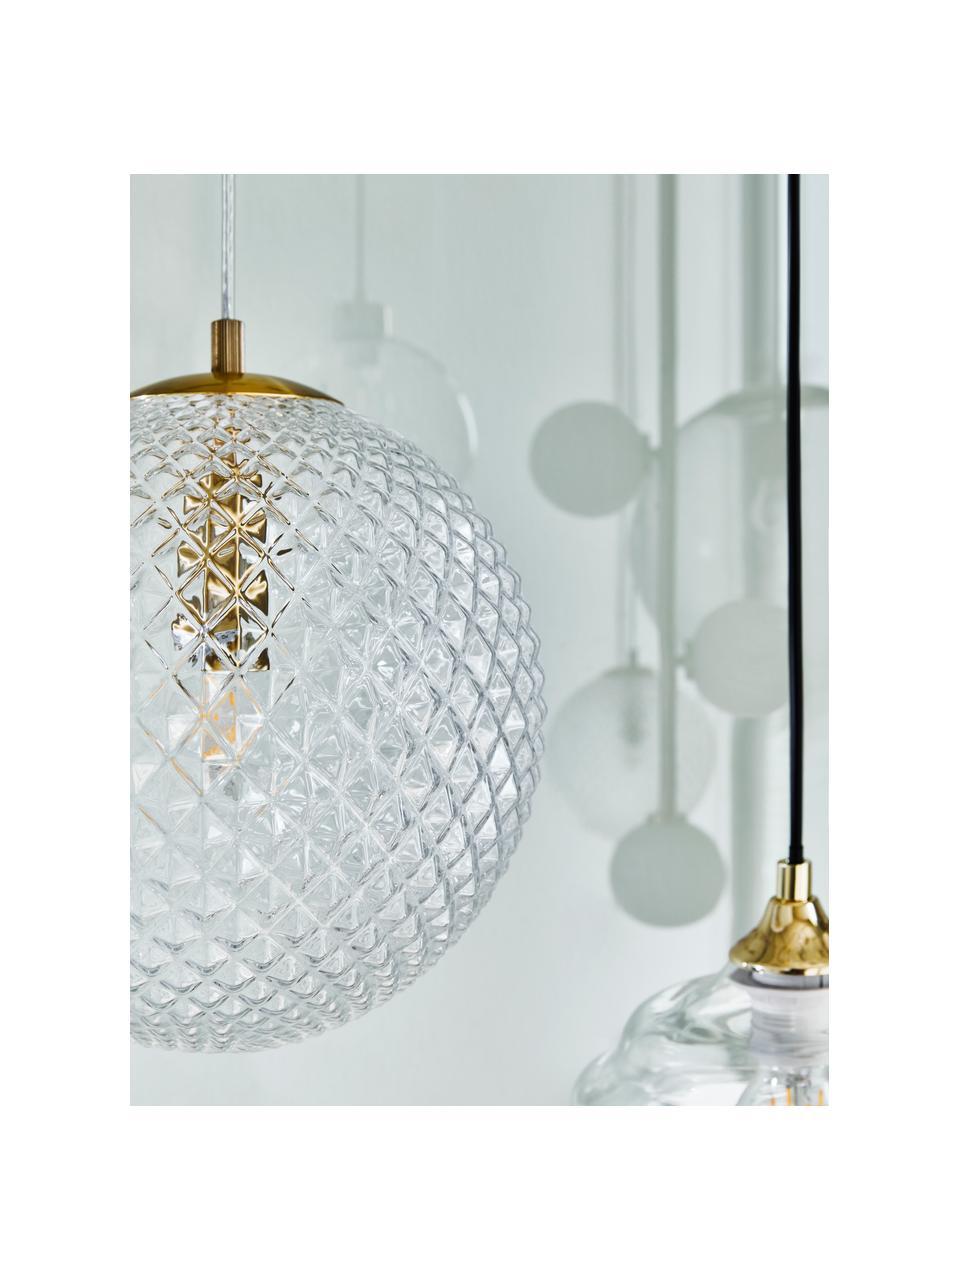 Kleine hanglamp Lorna van glas, Lampenkap: glas, Decoratie: gegalvaniseerd metaal, Baldakijn: gegalvaniseerd metaal, Transparant, Ø 25 cm